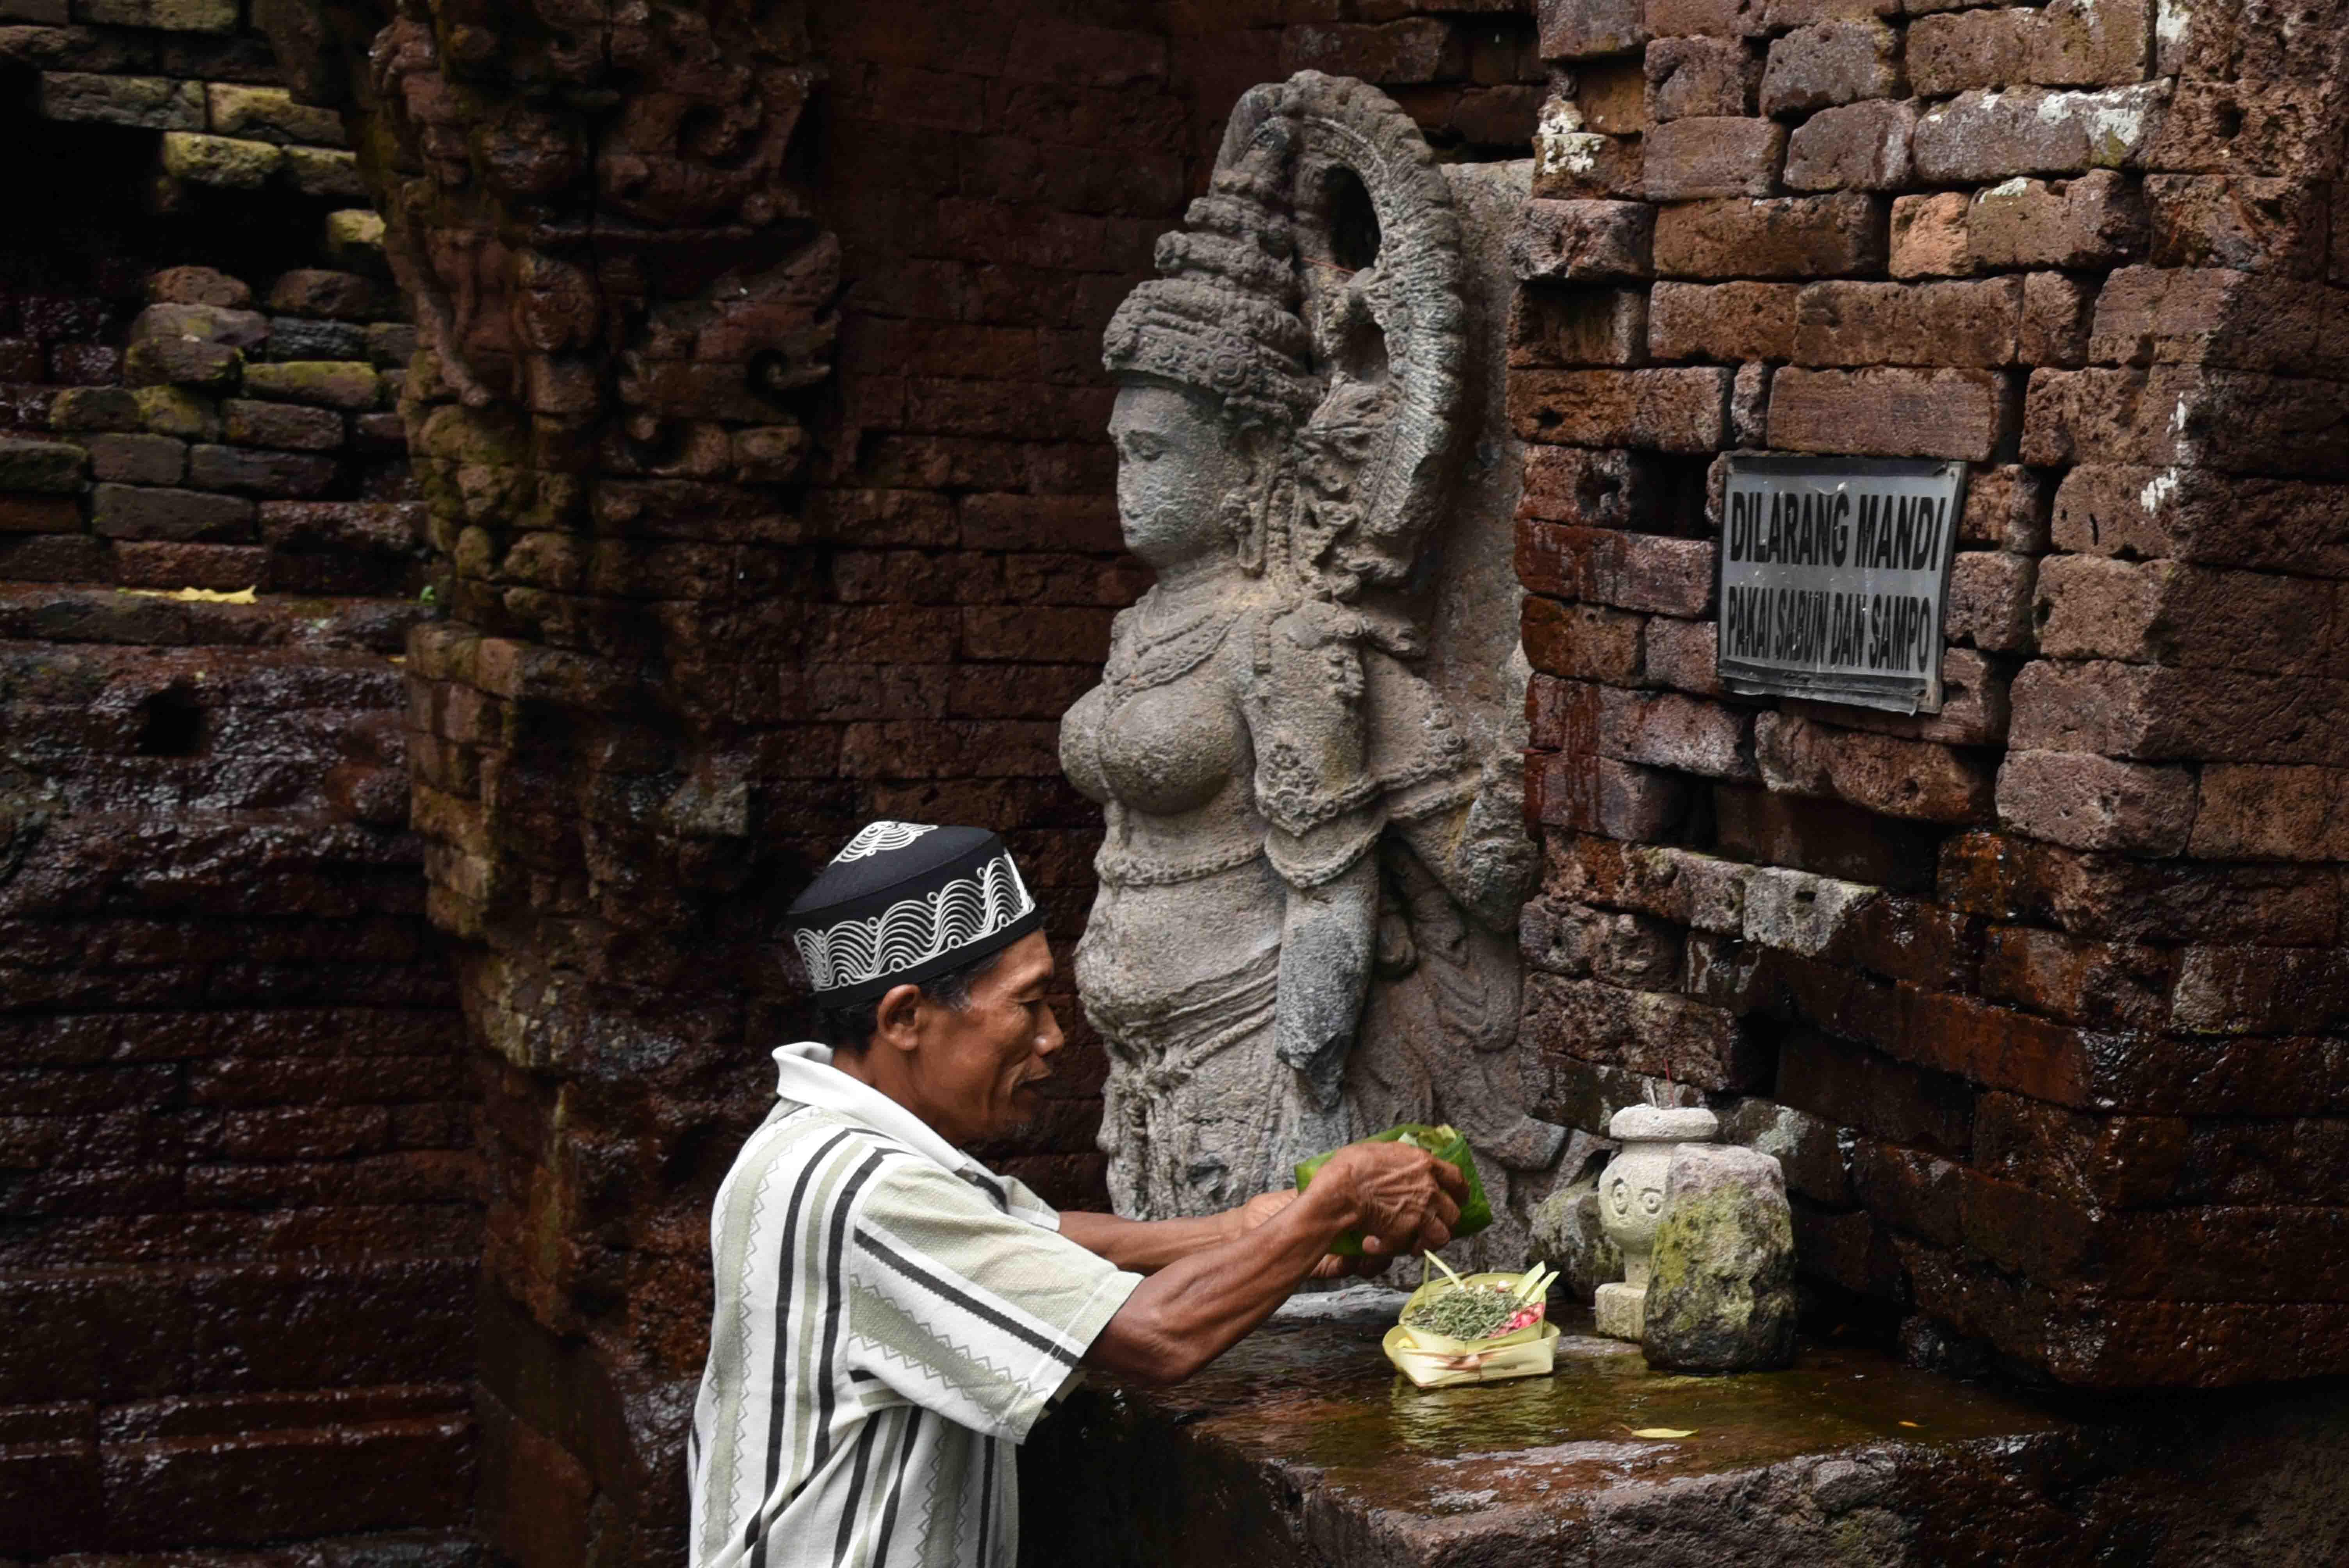 Ziarah Budaya Air Lintas Hari Terakota Sanimin 50 Warga Dusun